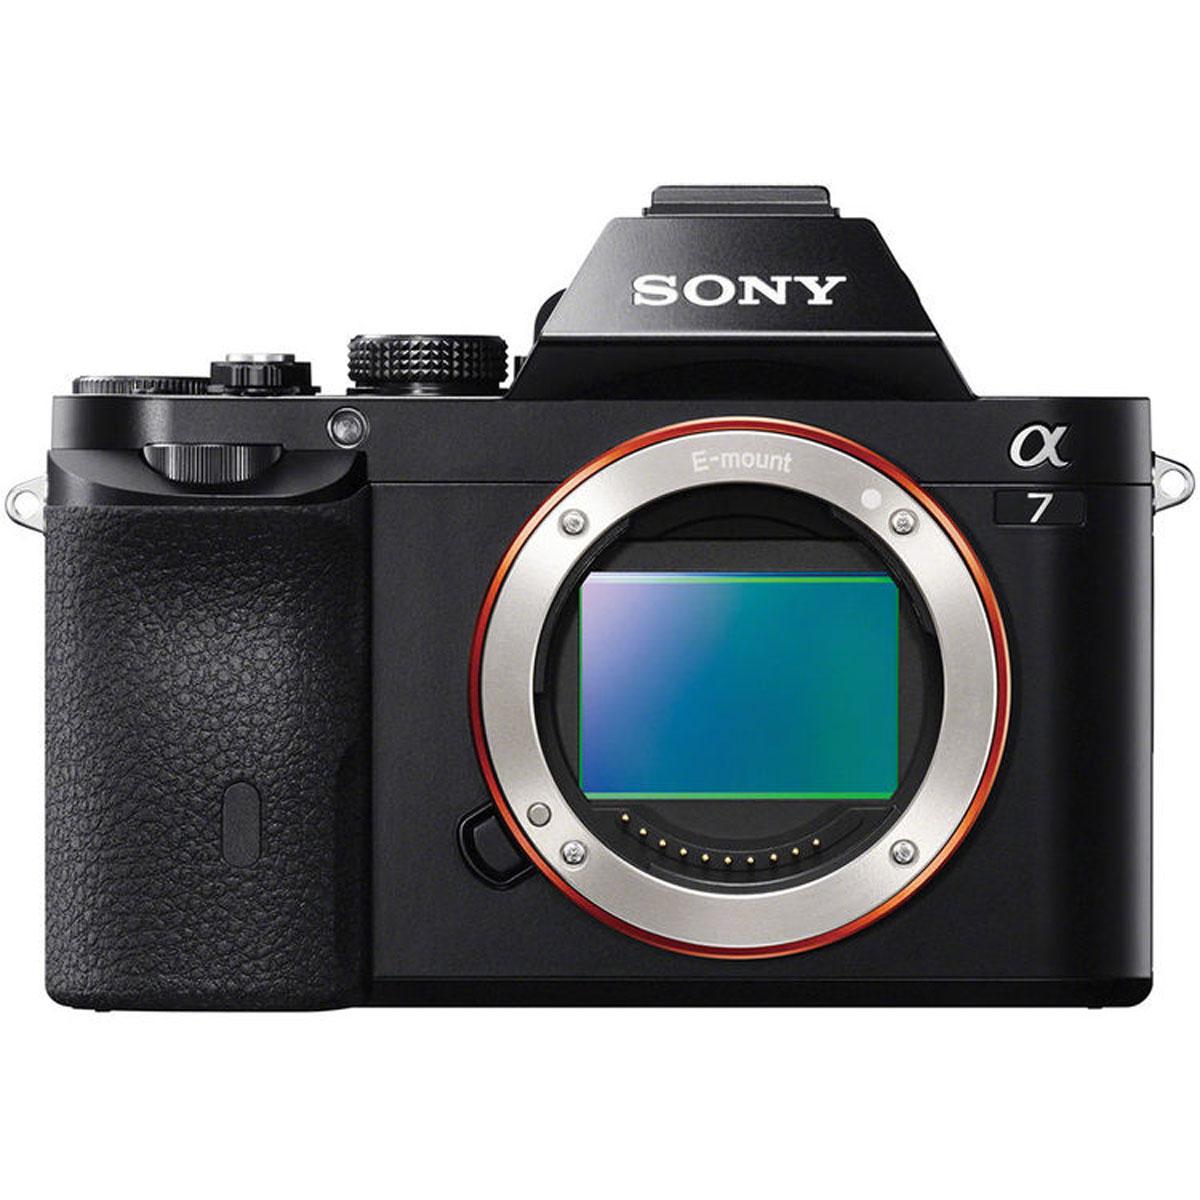 Sony Alpha A7 Body, Black цифровая фотокамера ILCE7B.RU2